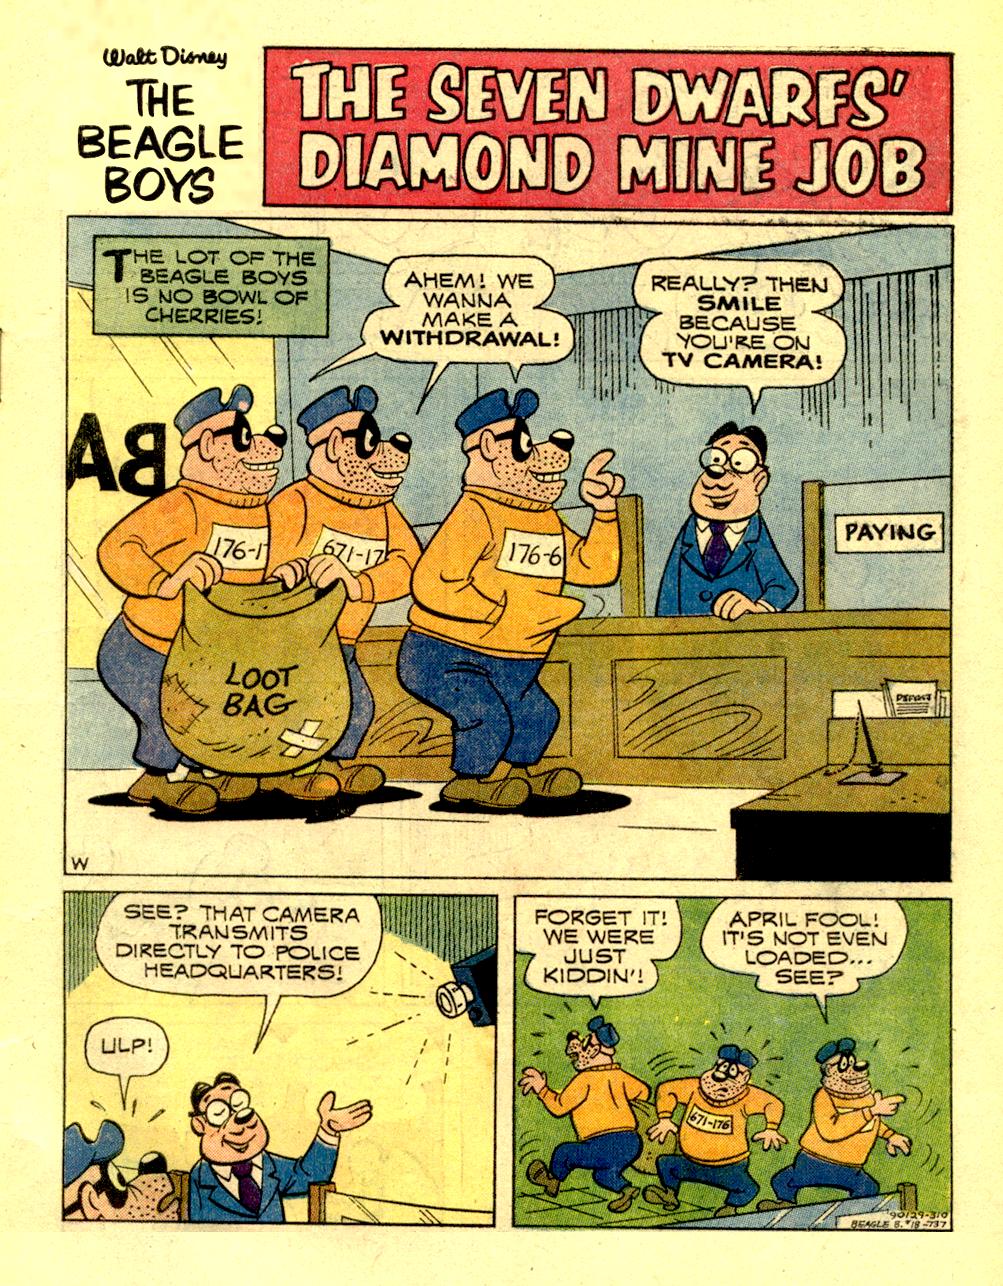 The Seven Dwarfs' Diamond Mine Job